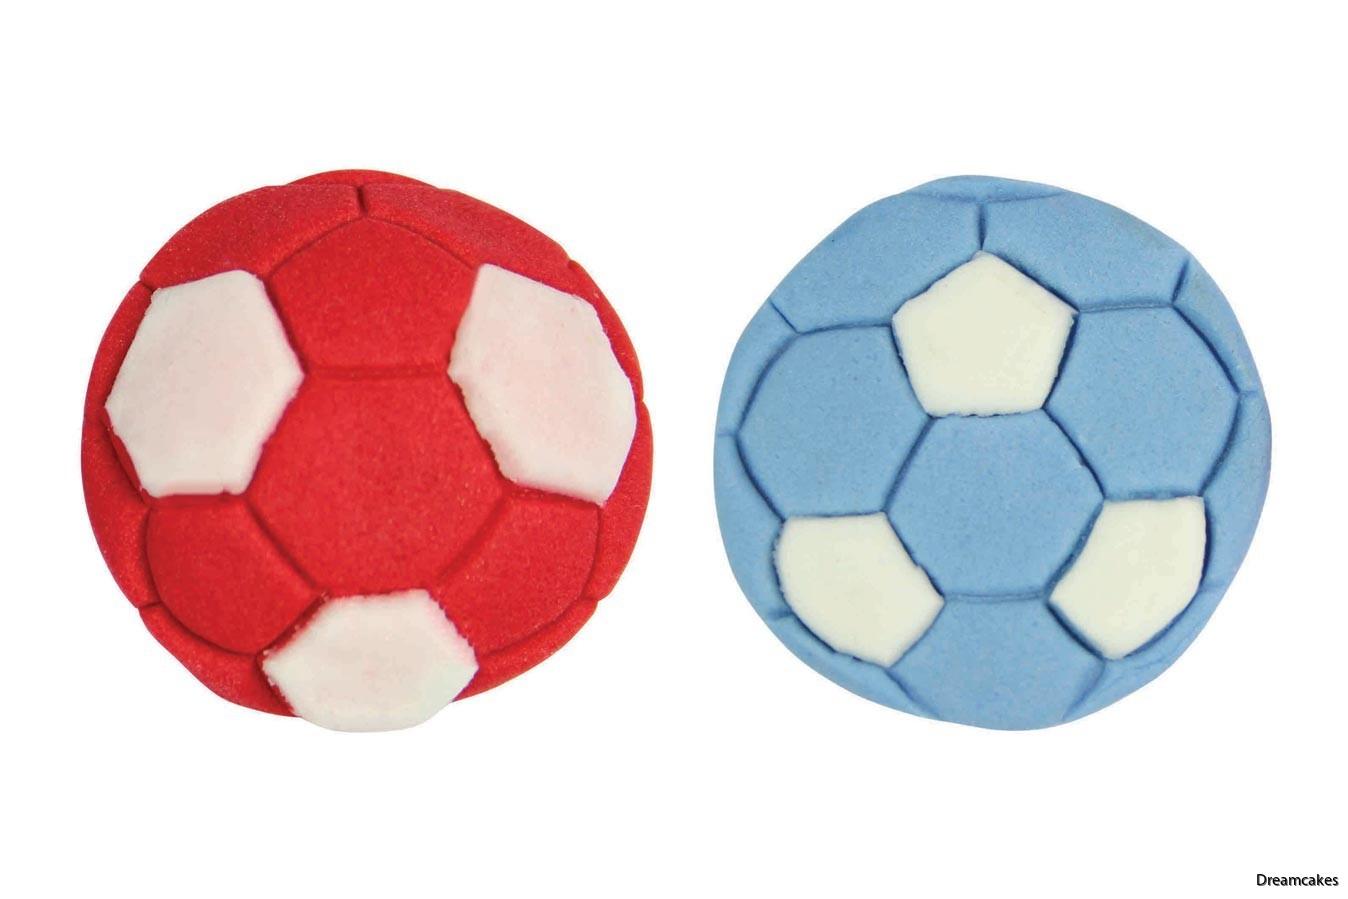 Snygga fotbollar av socker, gjorda av fotbollsutstickaren